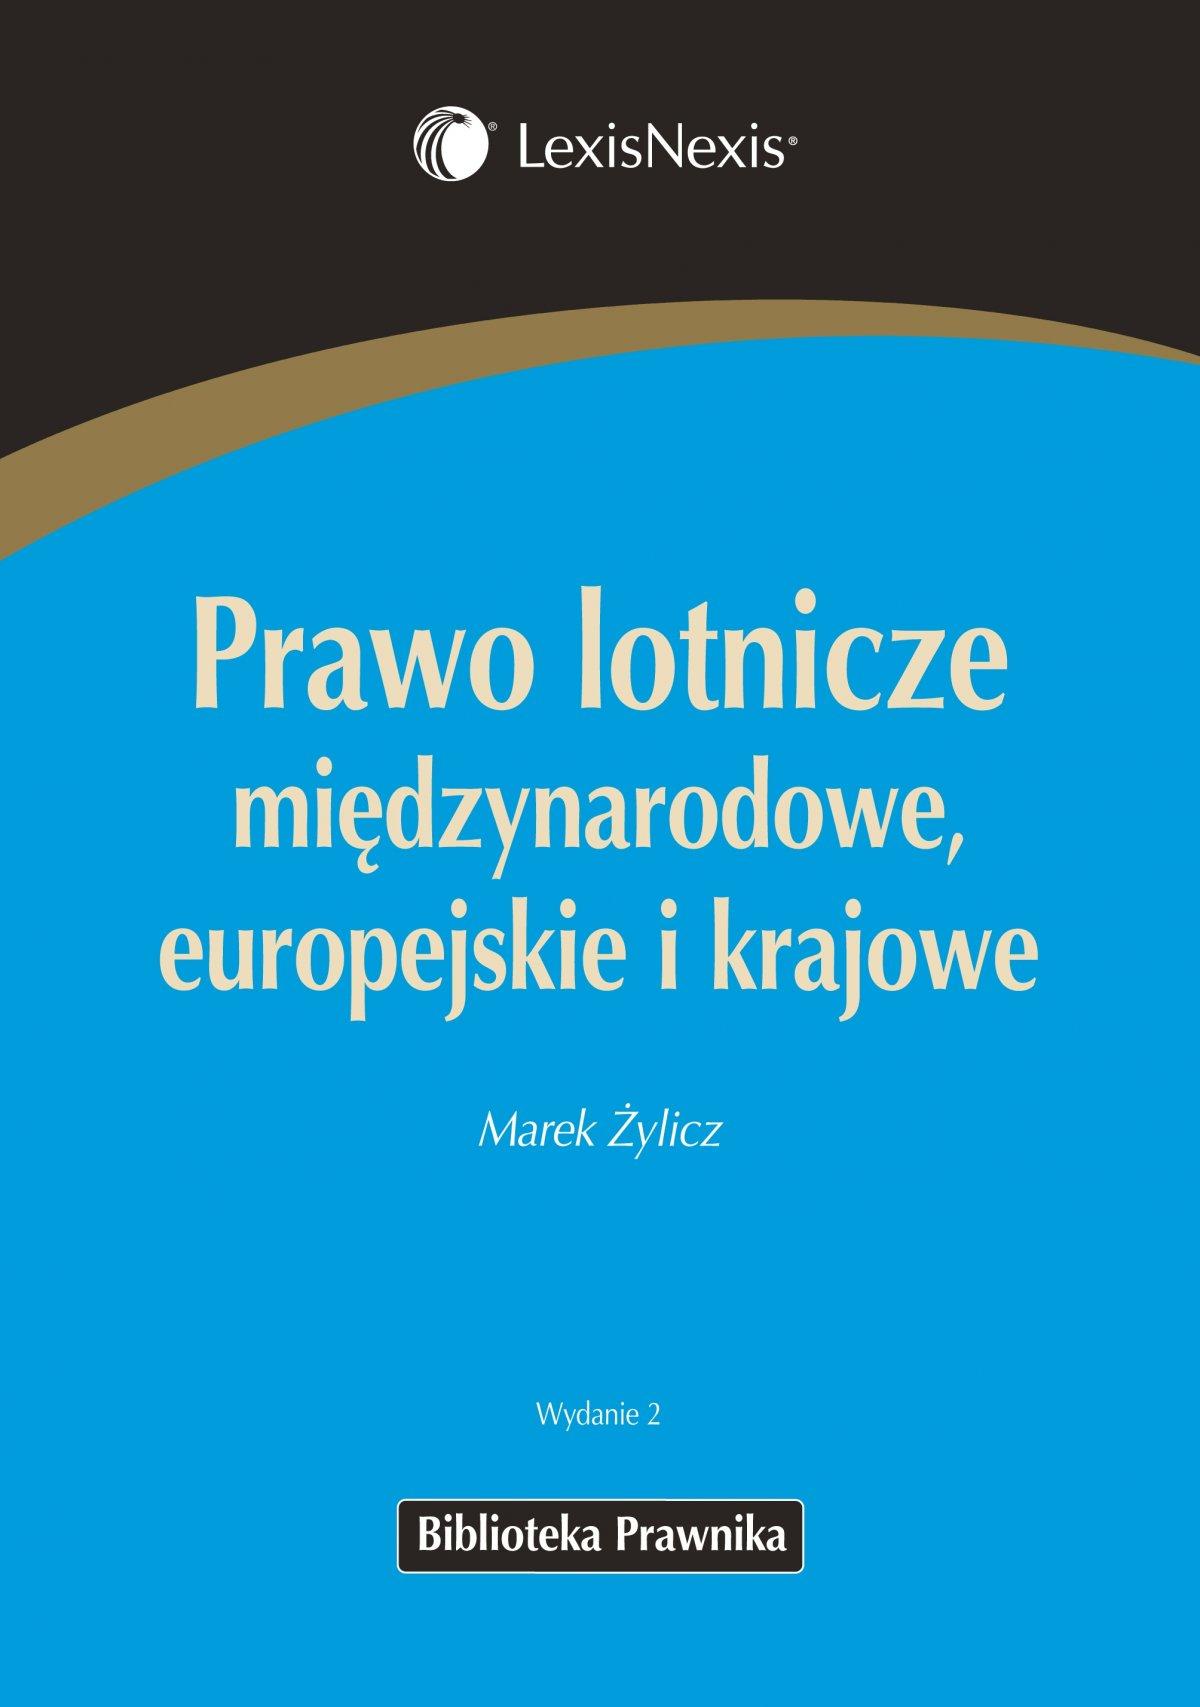 Prawo lotnicze międzynarodowe, europejskie i krajowe - Ebook (Książka EPUB) do pobrania w formacie EPUB